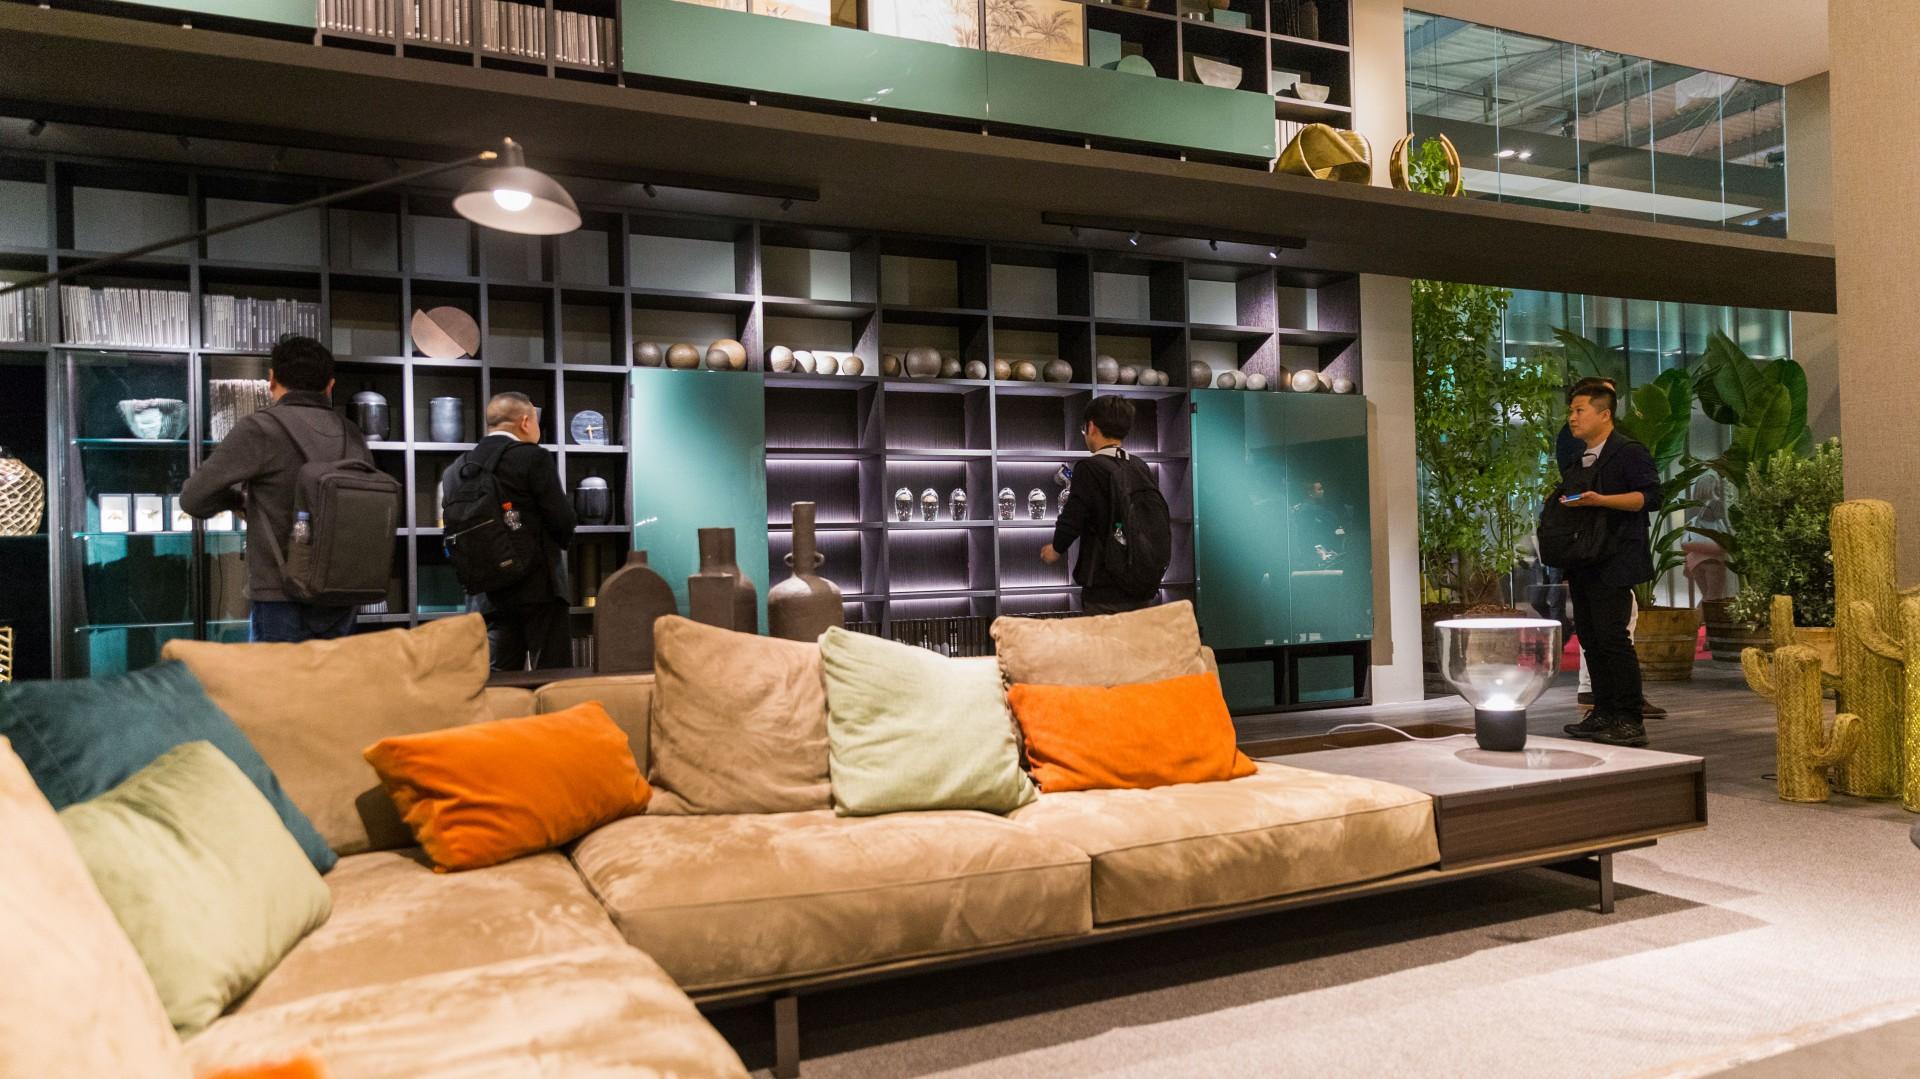 Salone del Mobile 2018 w Mediolanie - powiew luksusu w meblarstwie